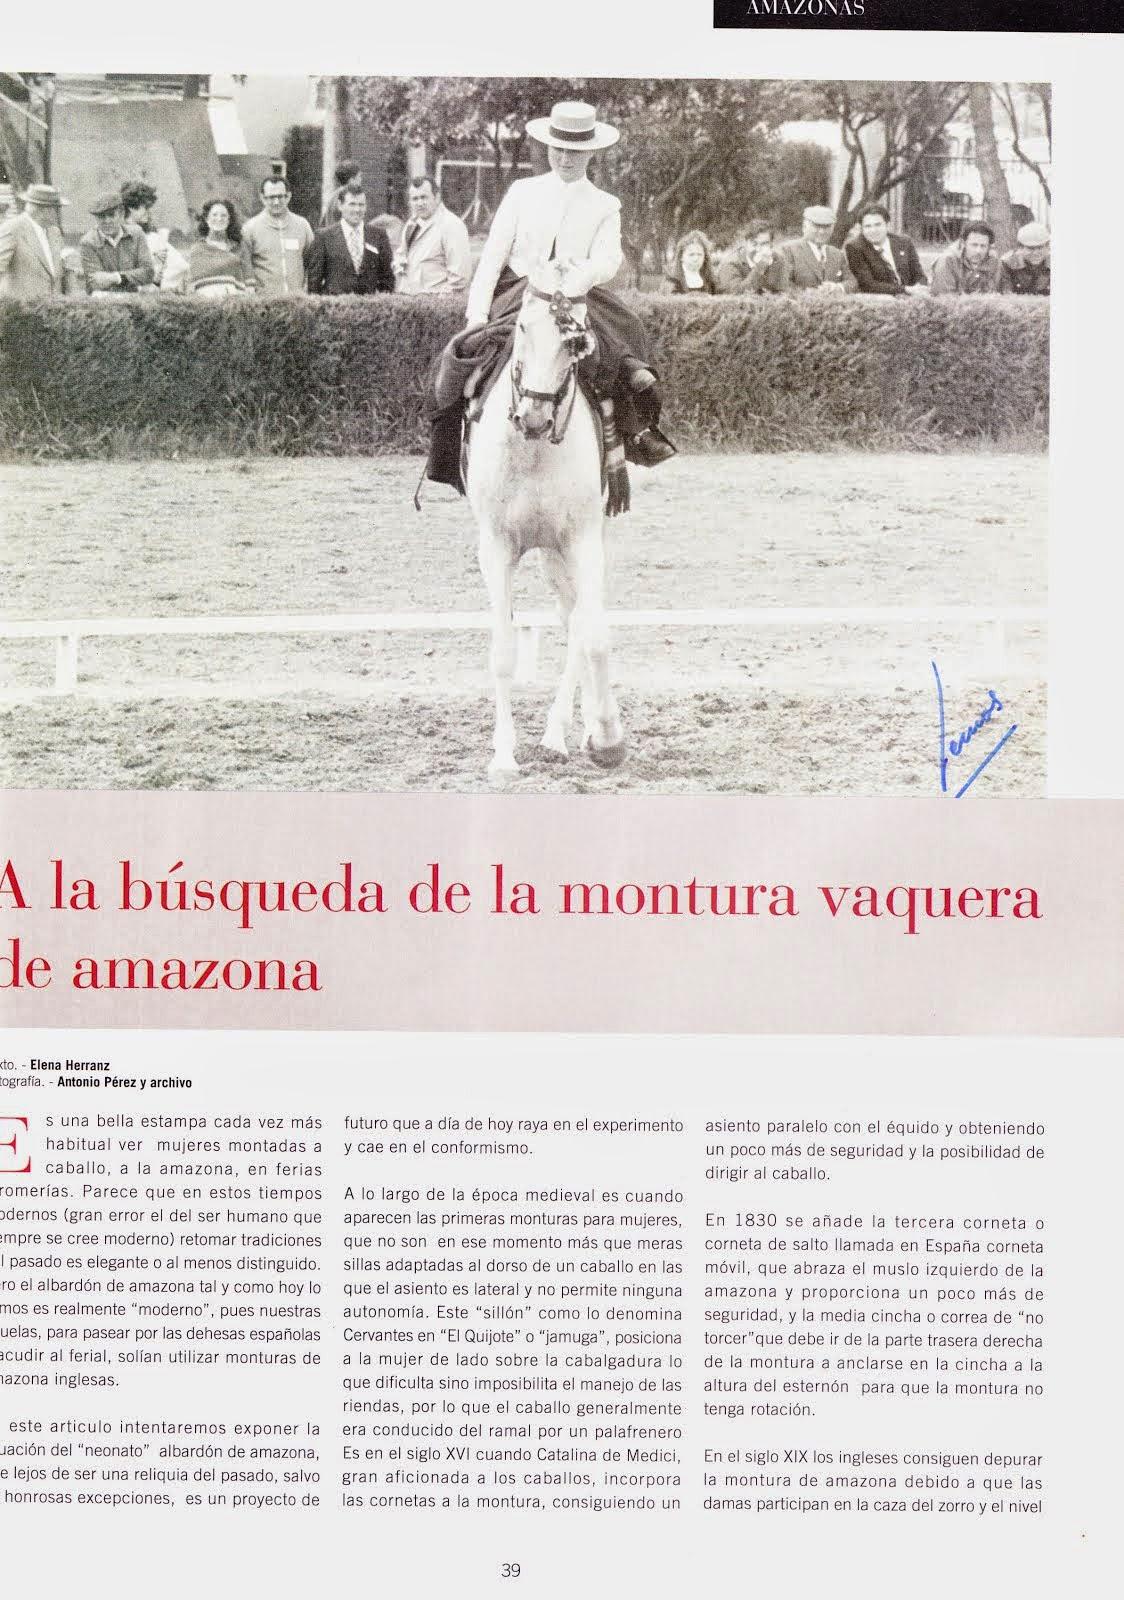 Articulo sobre algunos aspectos de la montura vaquera de cornetas